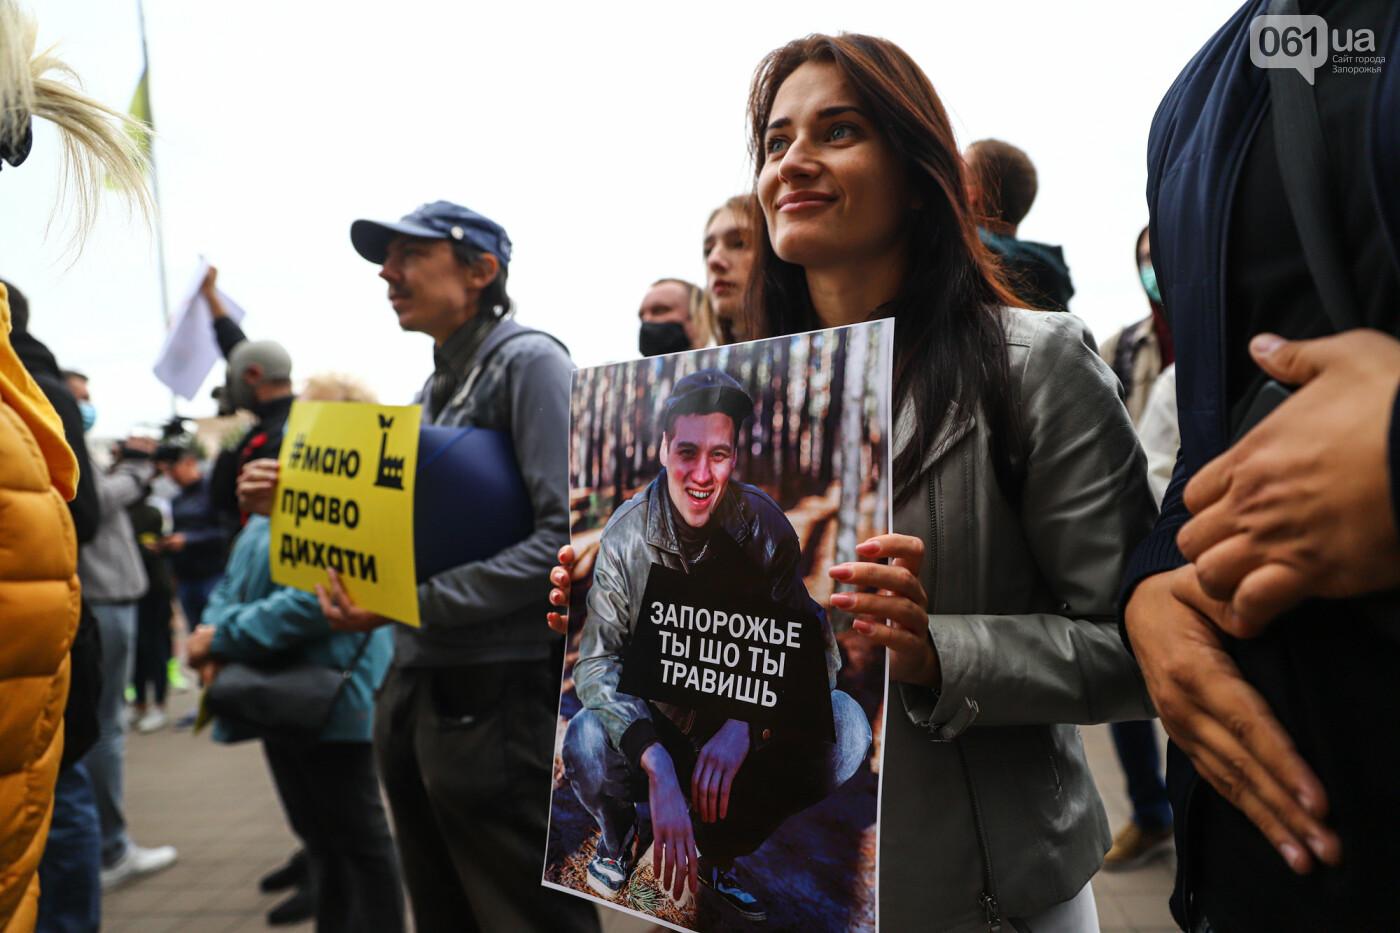 Маю право дихати: тысячи запорожцев вышли на экологический митинг, ФОТО, ВИДЕО, фото-25